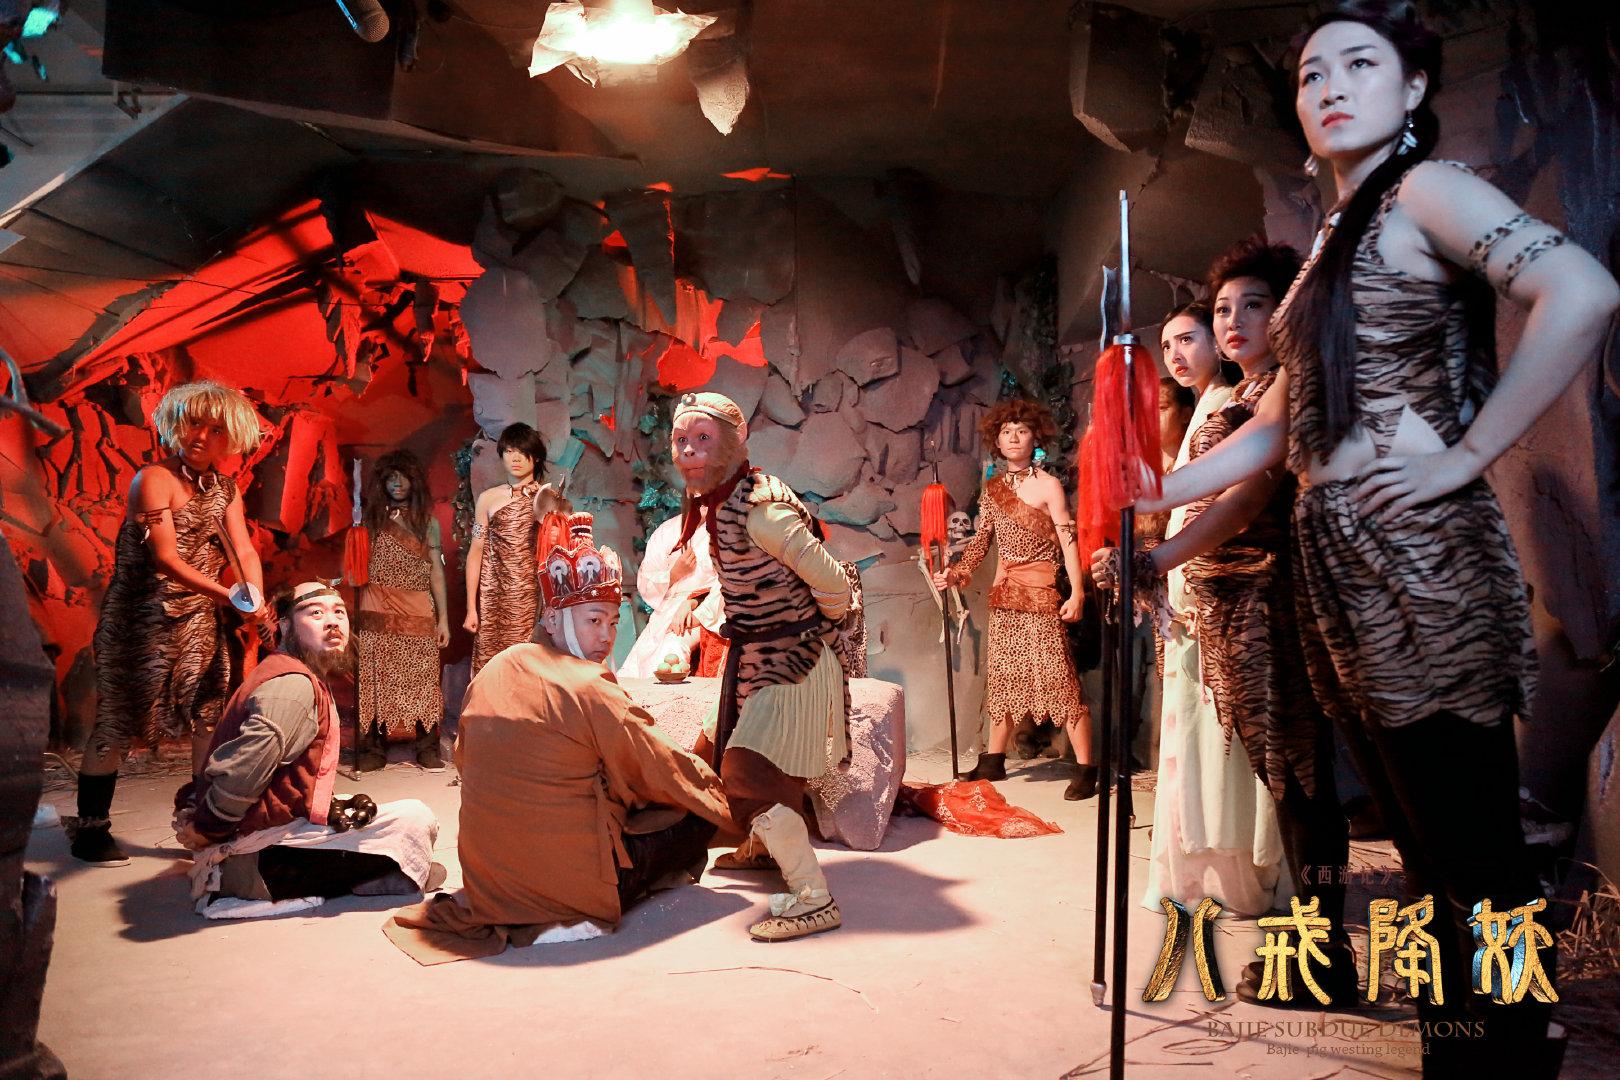 八戒影院丨八戒神马影视在线_八戒电影网免费观看